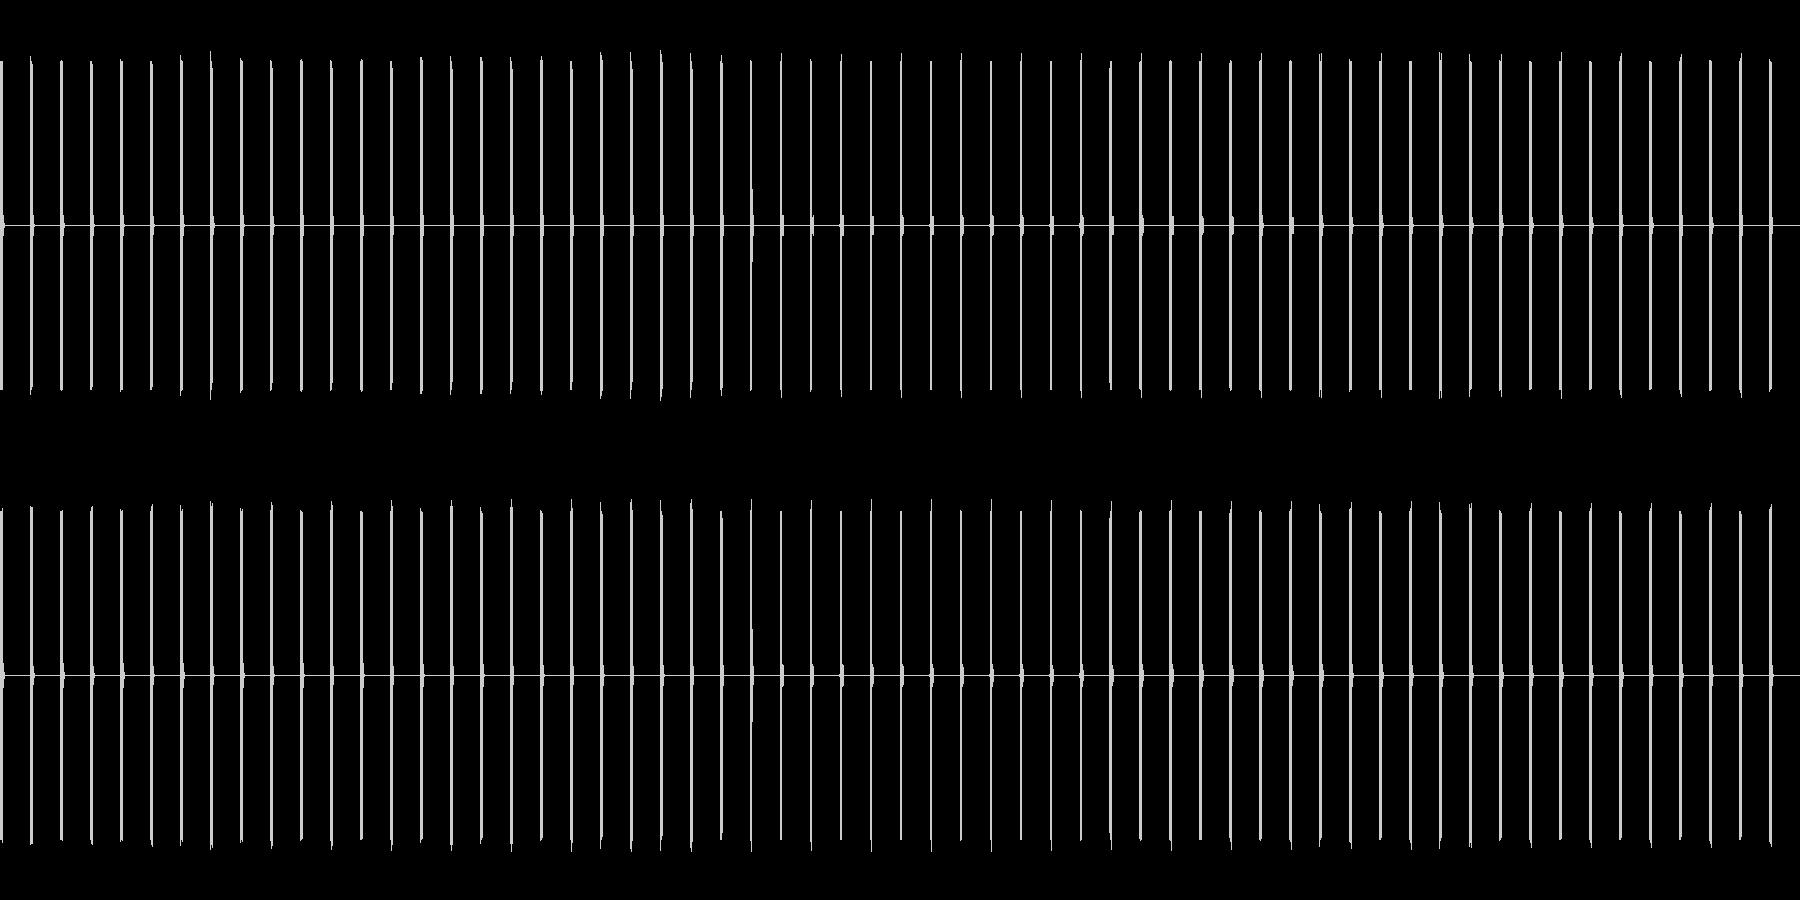 ピッピッピッピ(カウント音)の未再生の波形